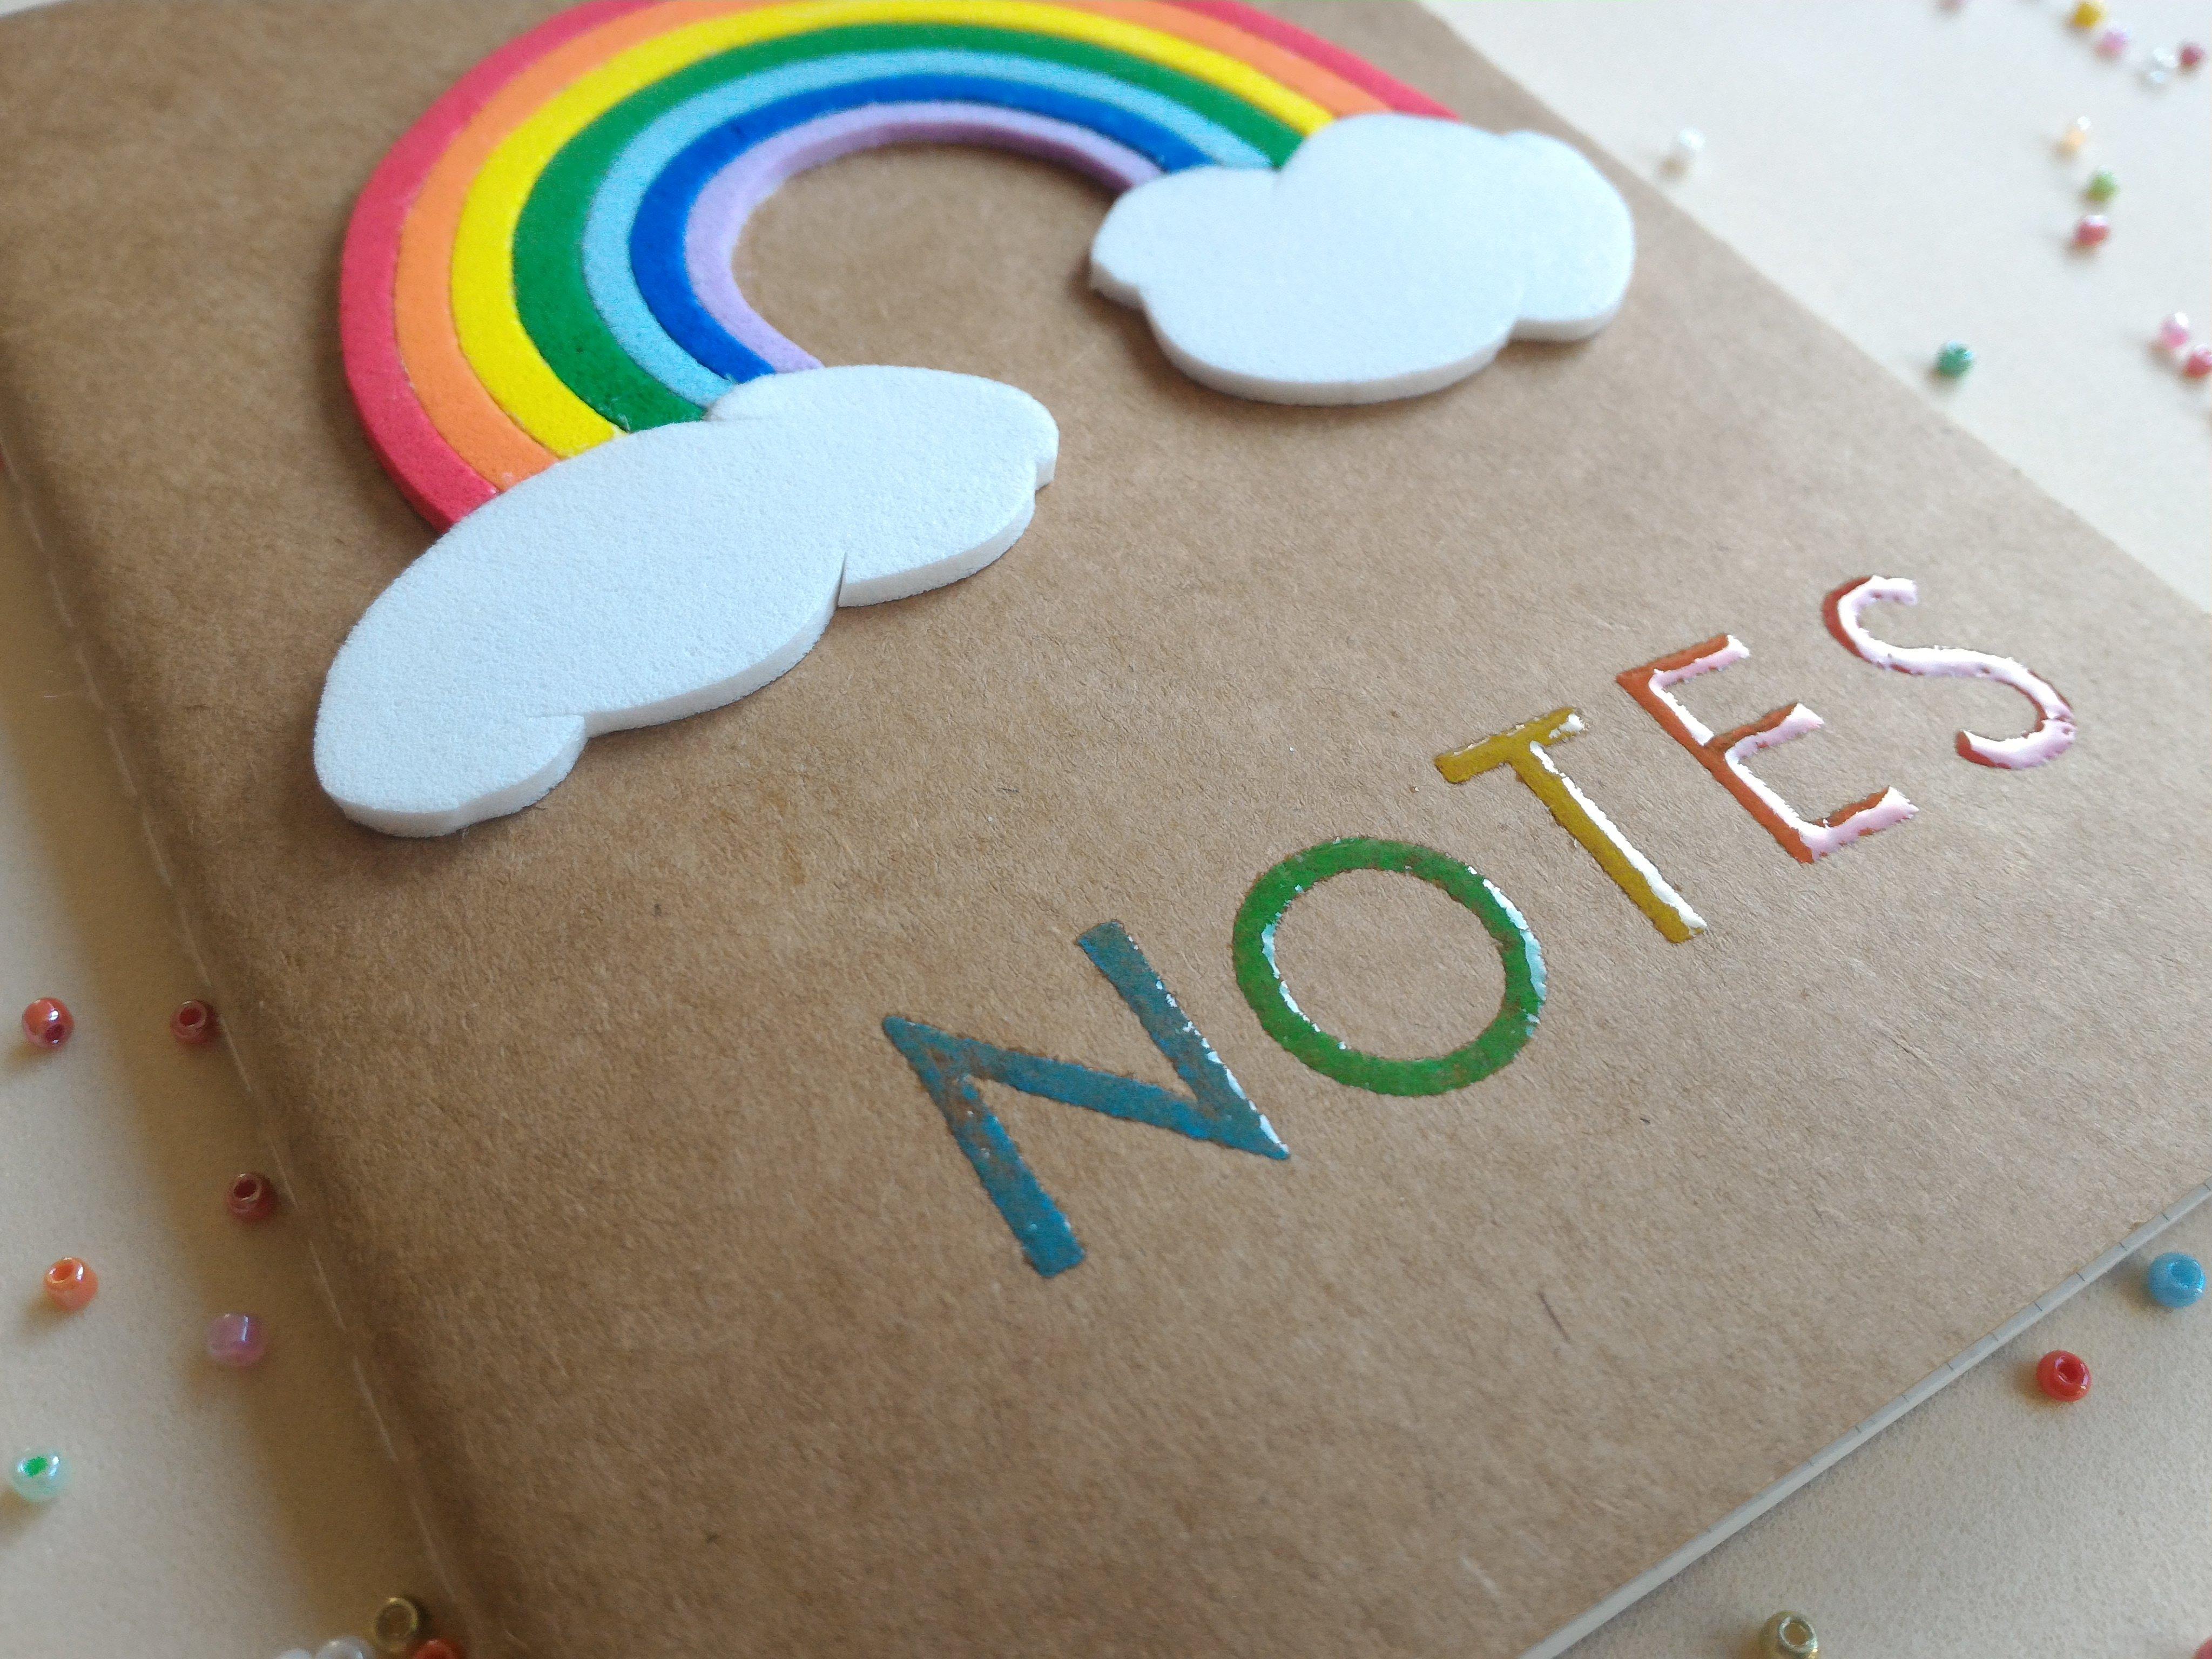 20 oam ouiareclafc rainbow chagaz et vous